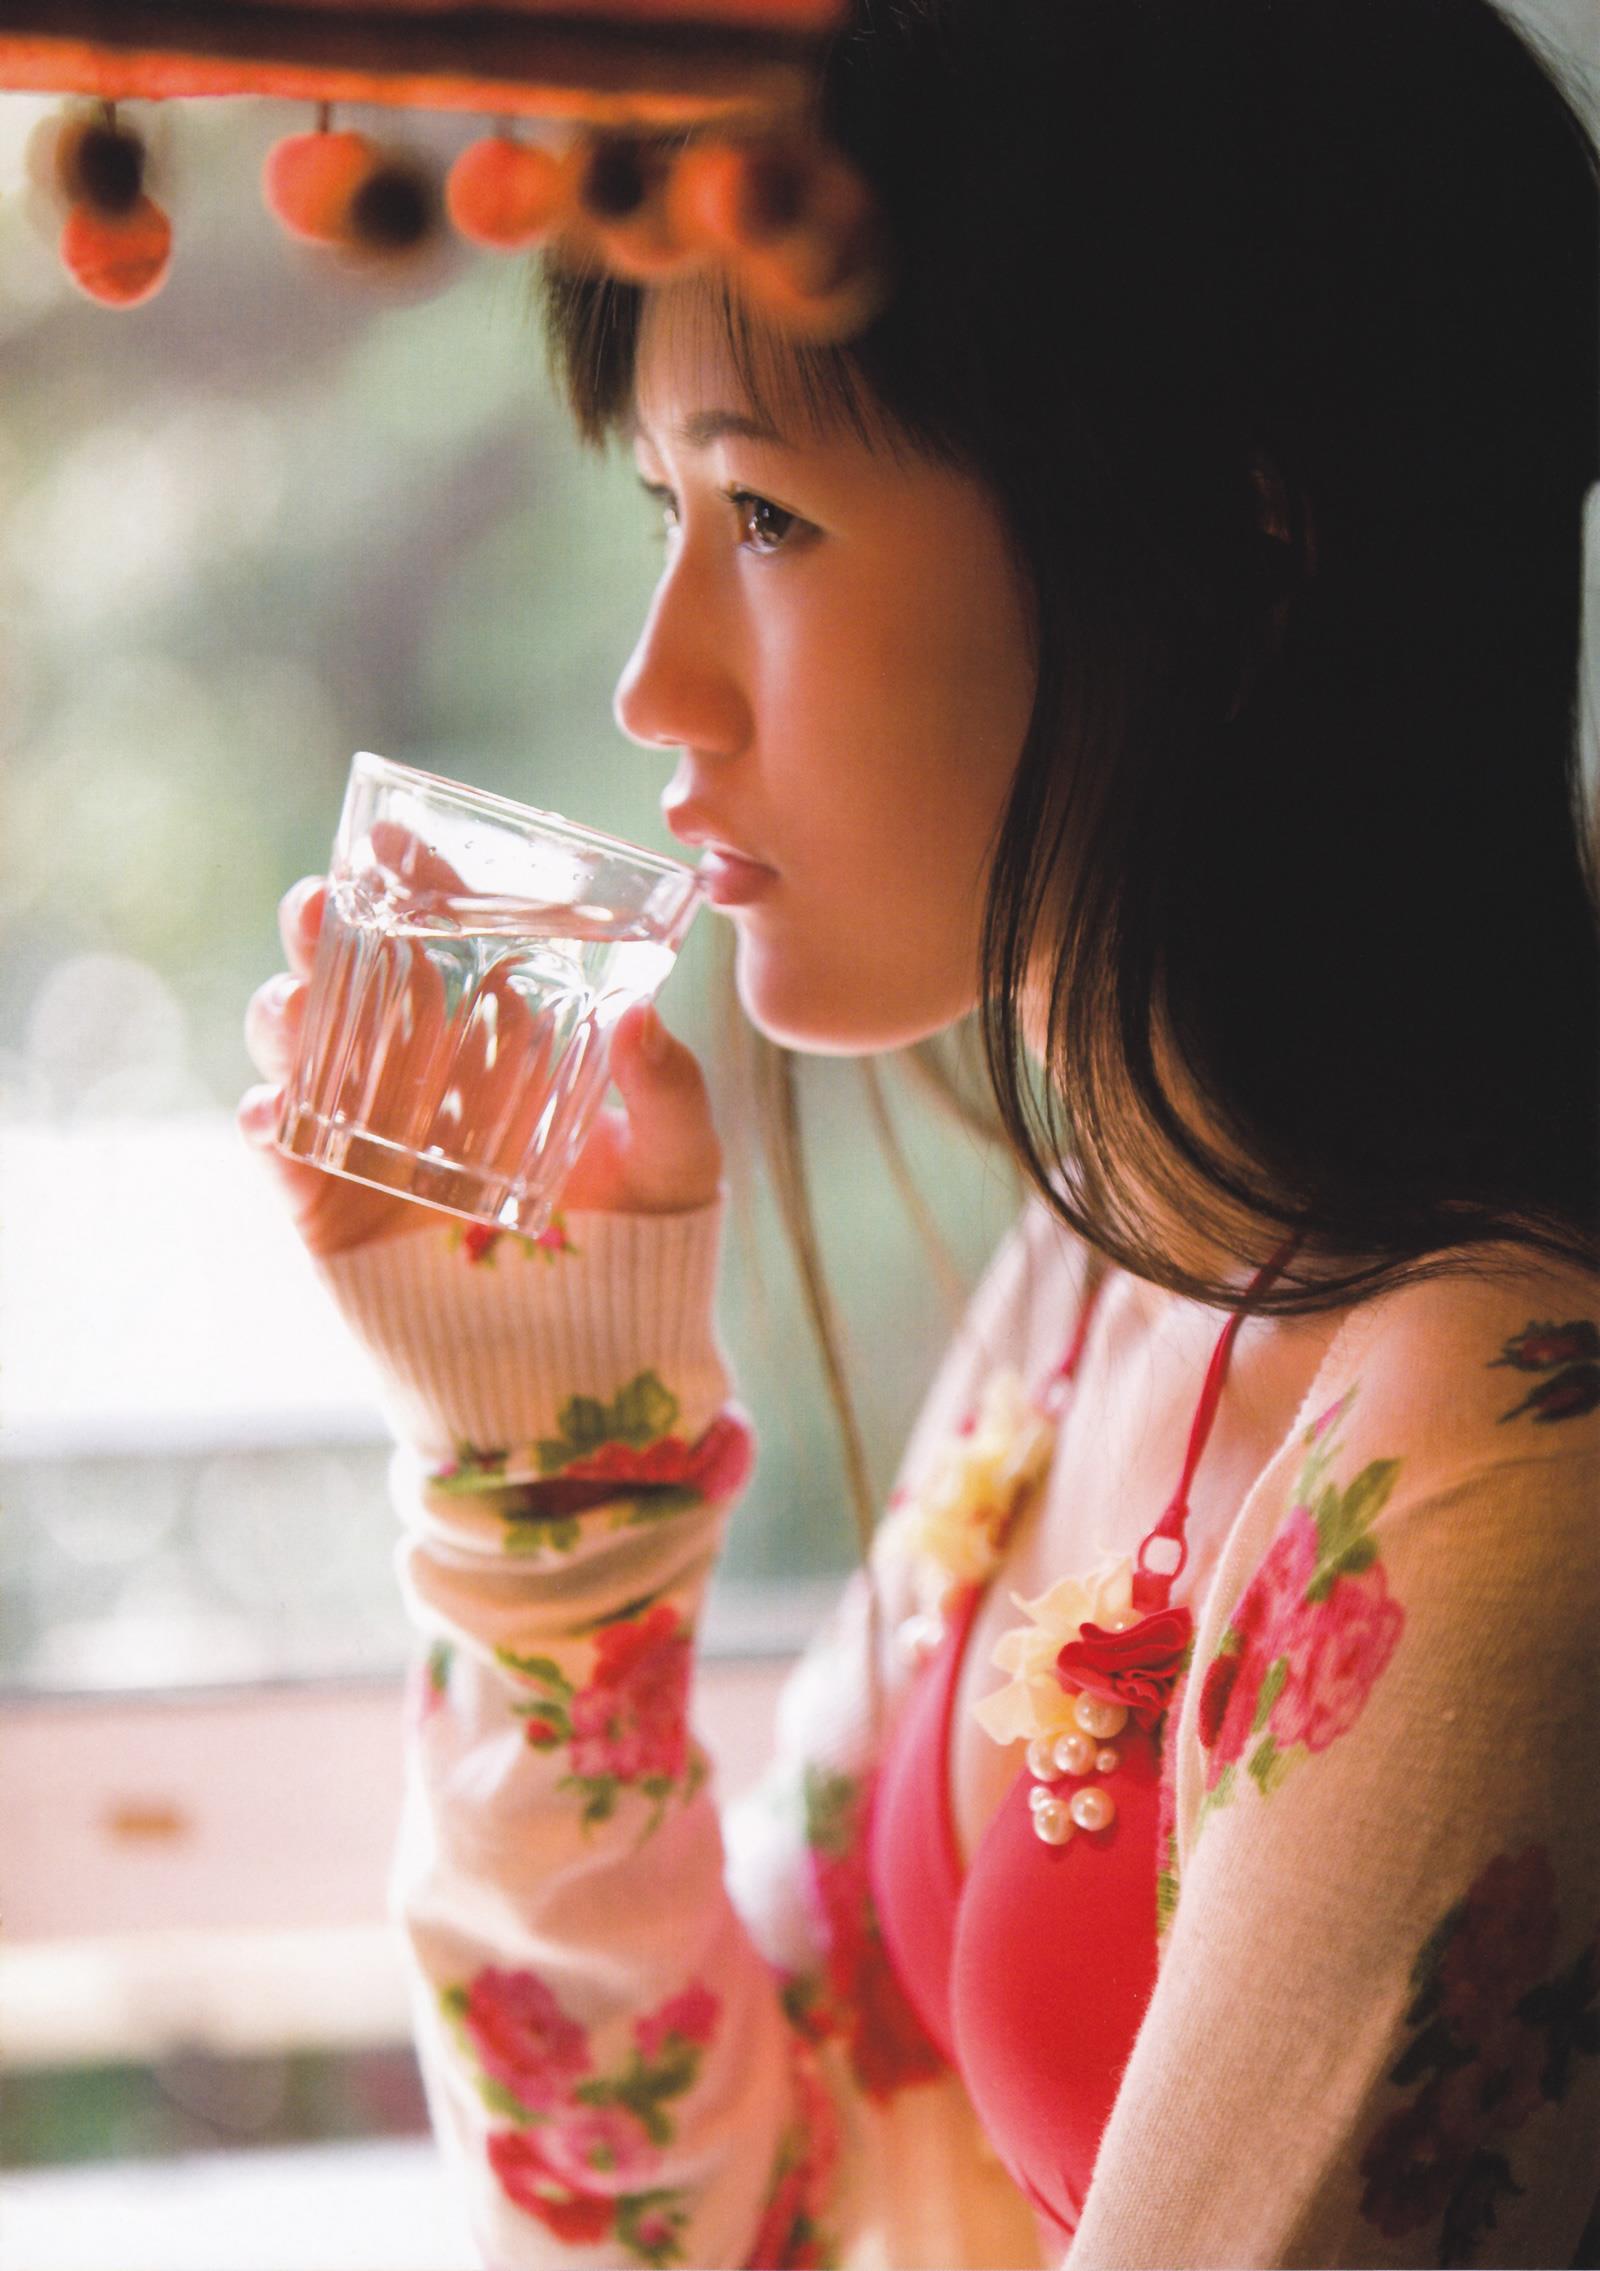 渡辺麻友 写真集「まゆゆ」 画像 58